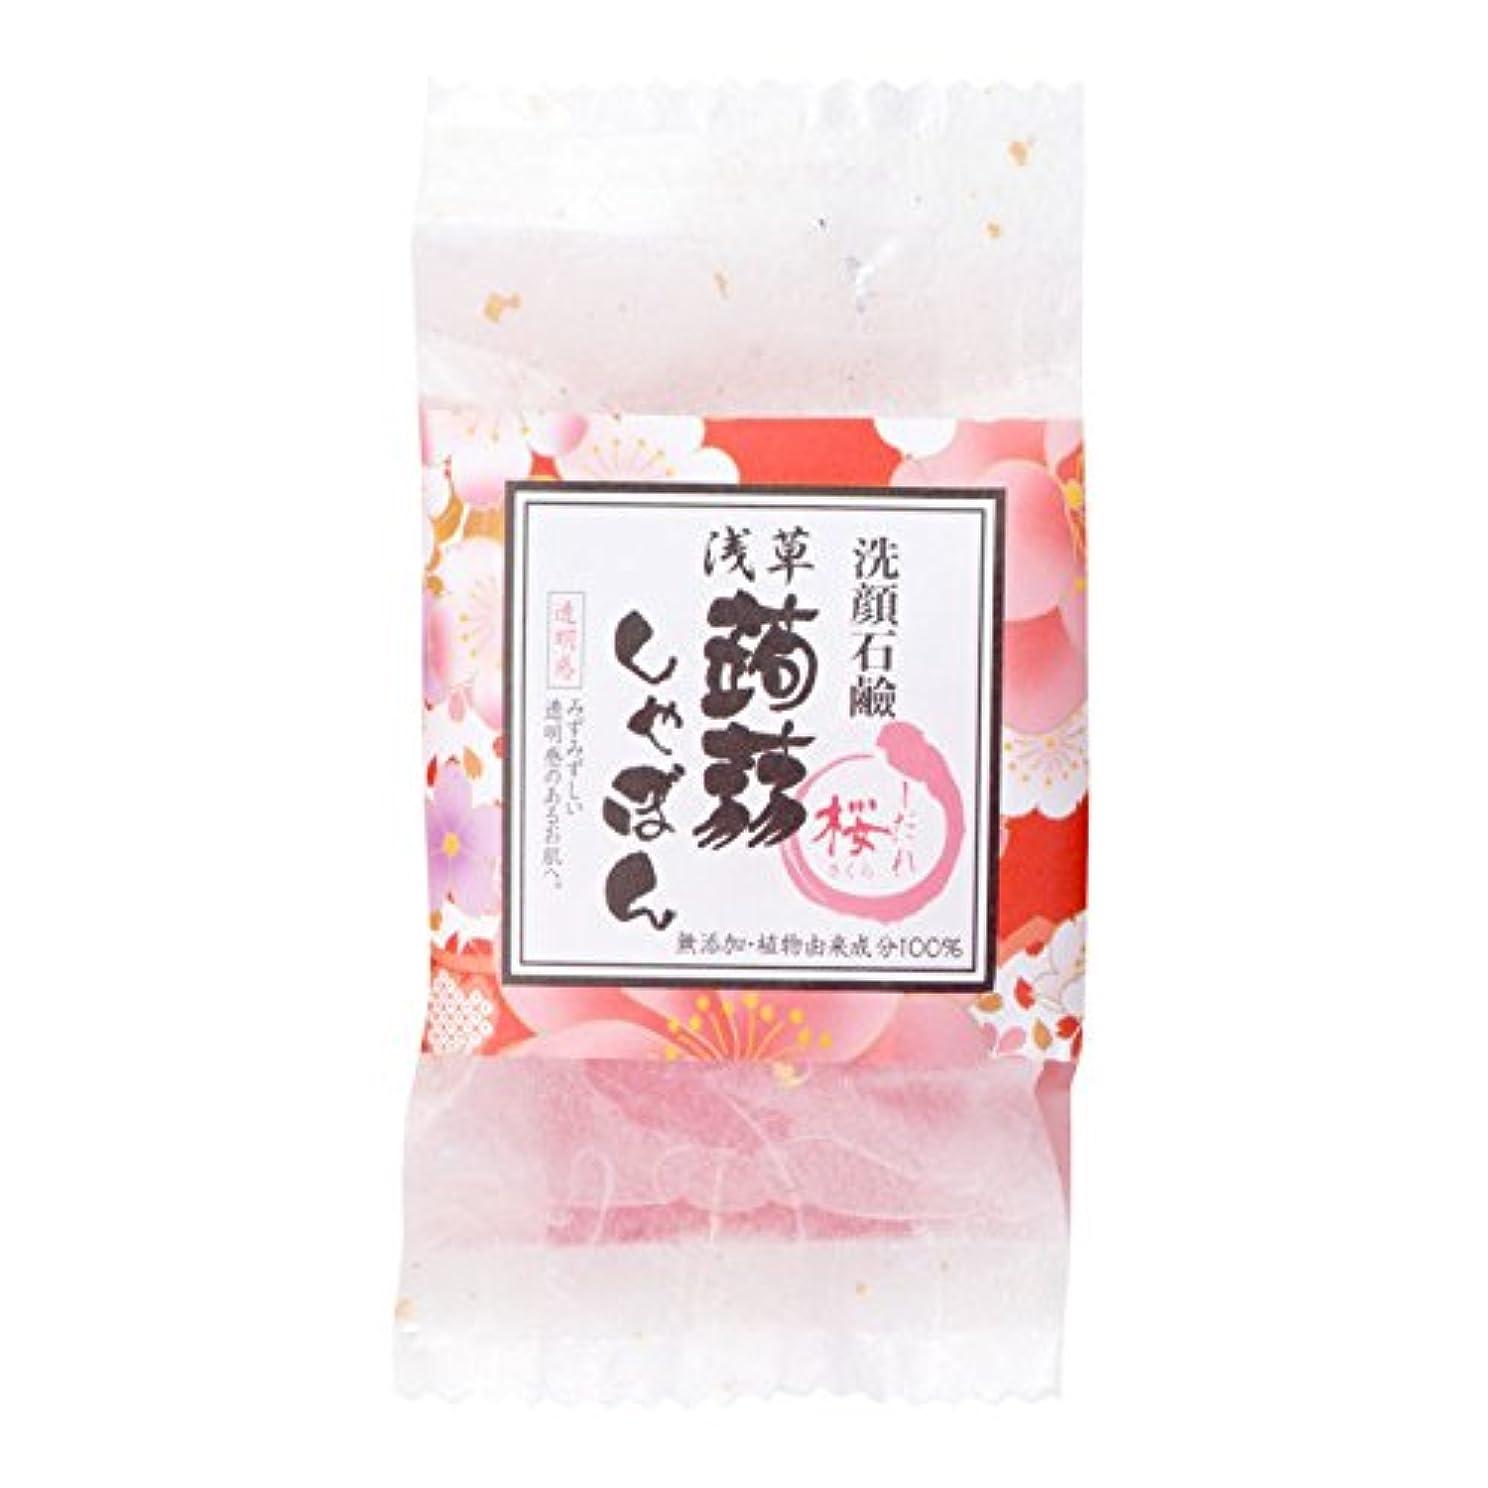 マーキング測る頭痛浅草蒟蒻しゃぼん浅草 枝垂桜(しだれさくら)